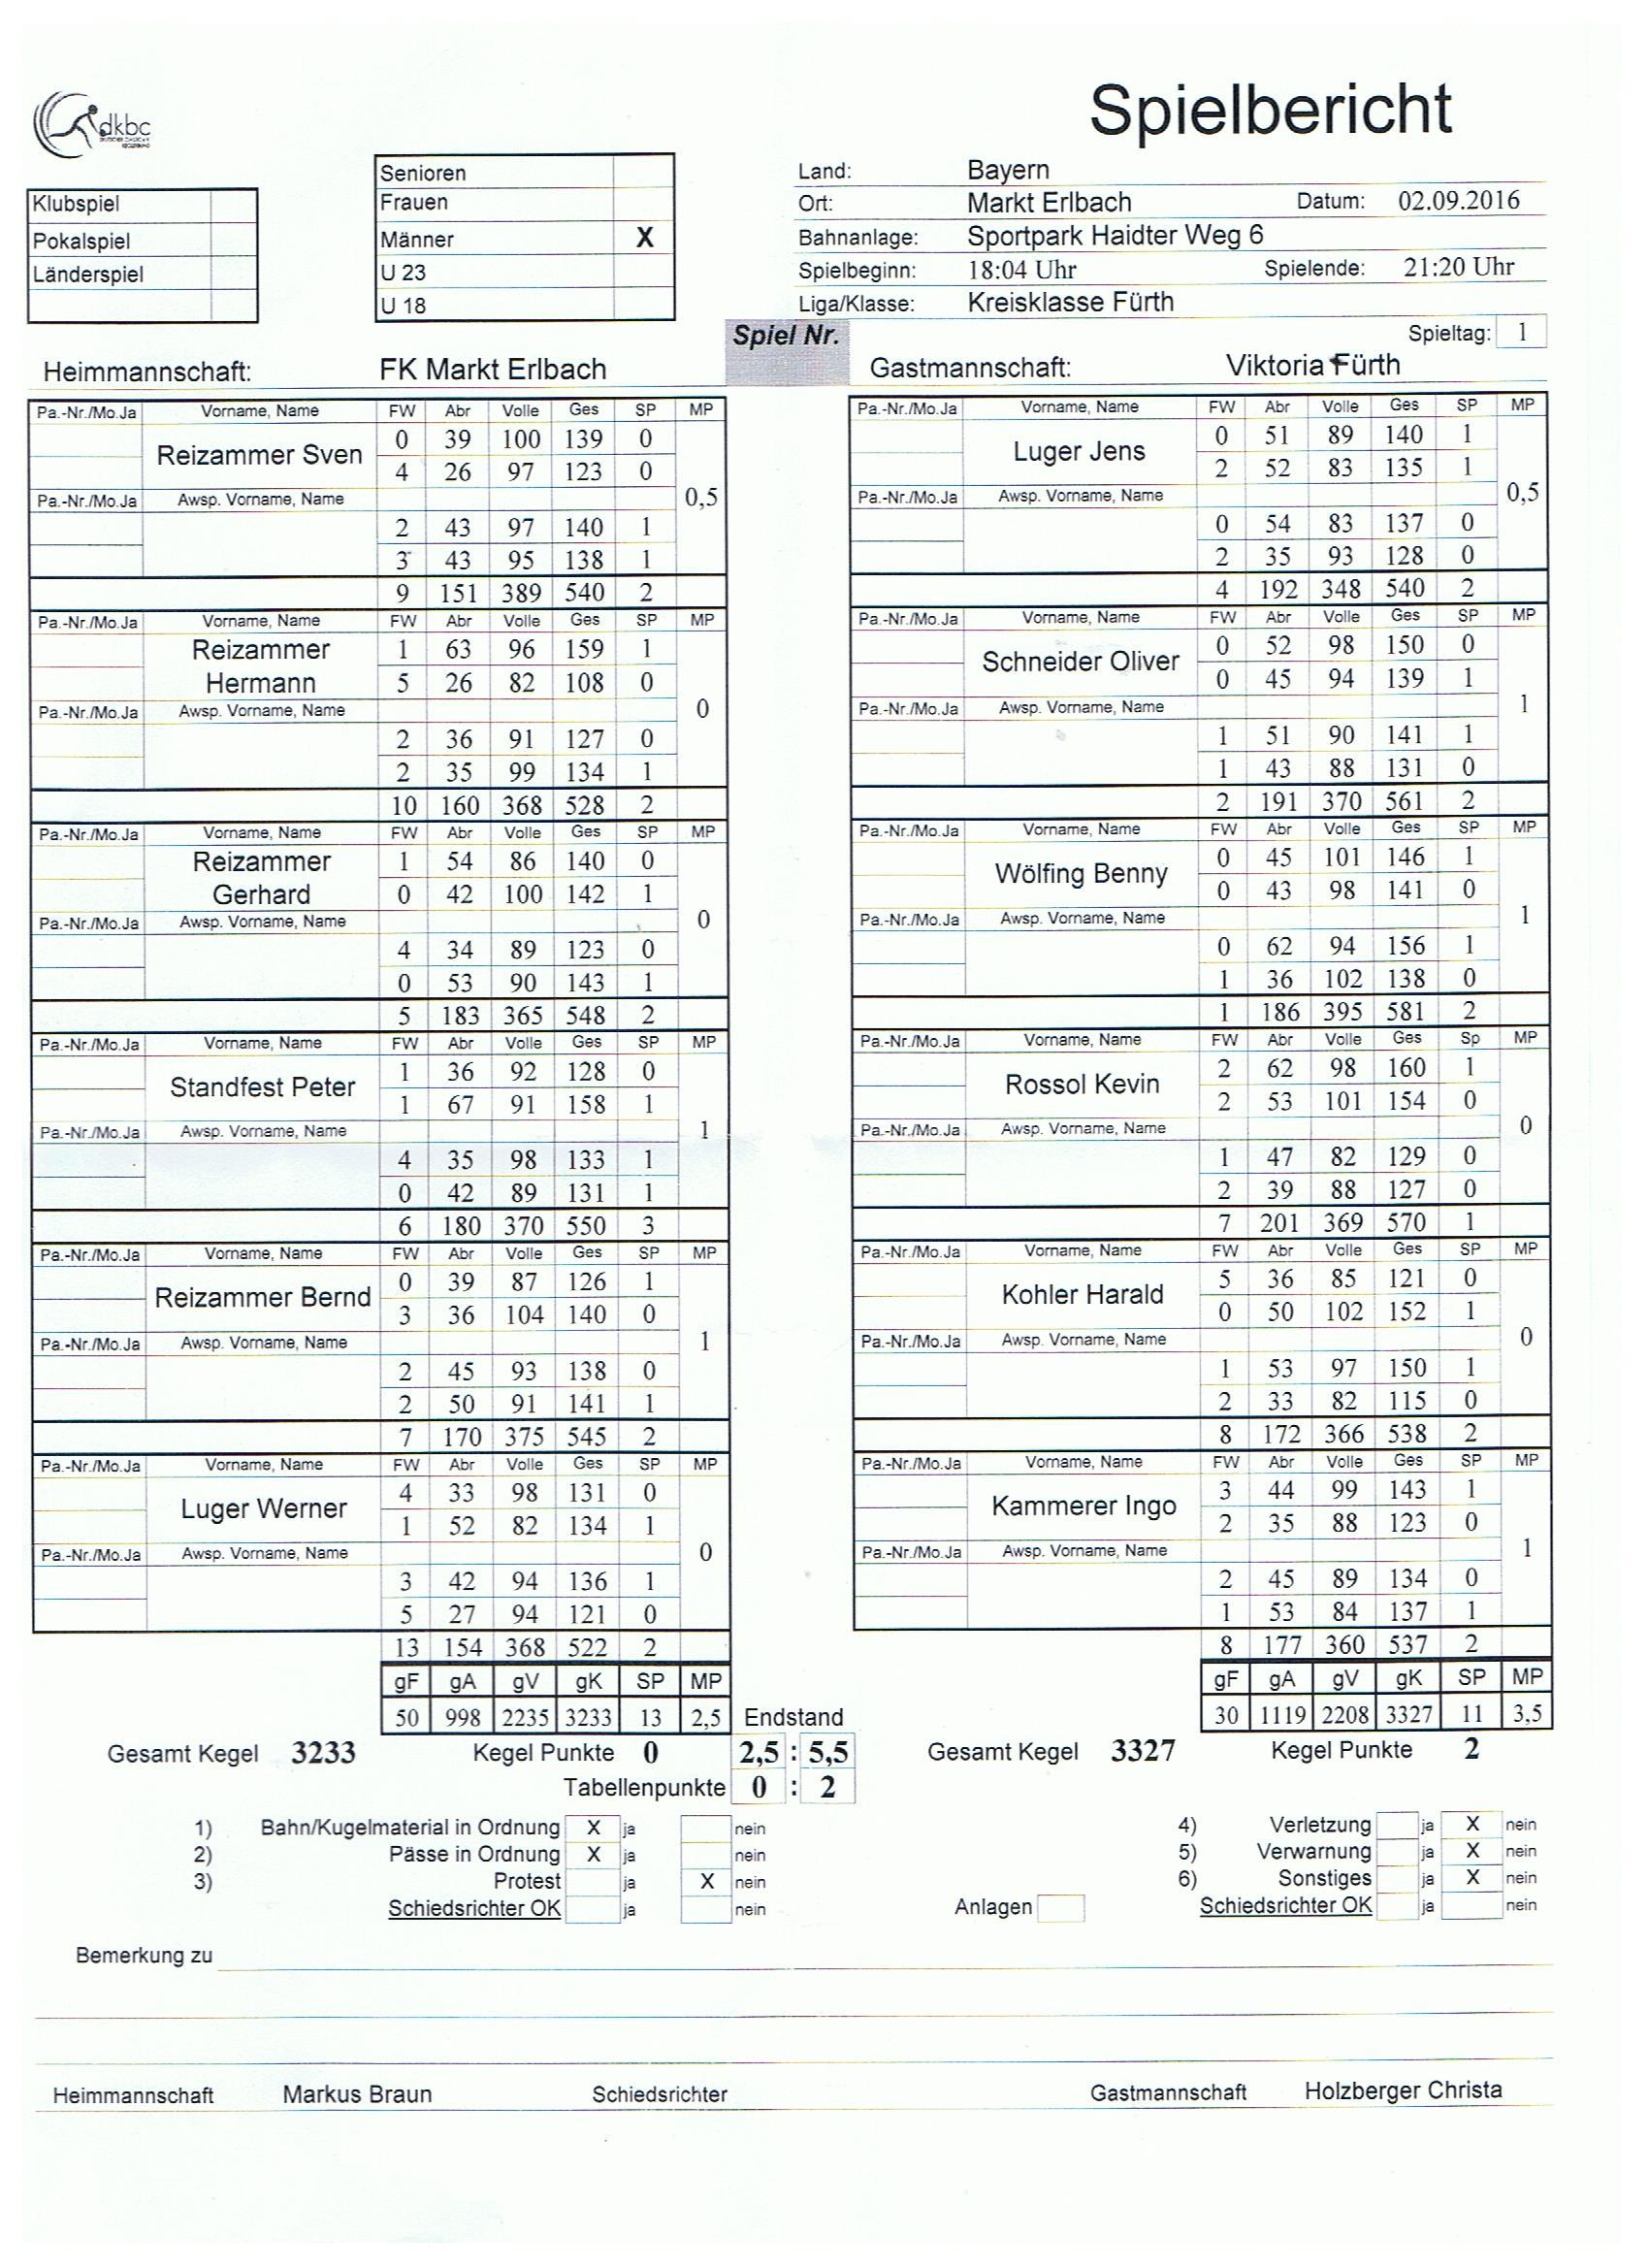 Erlbach-V2-1